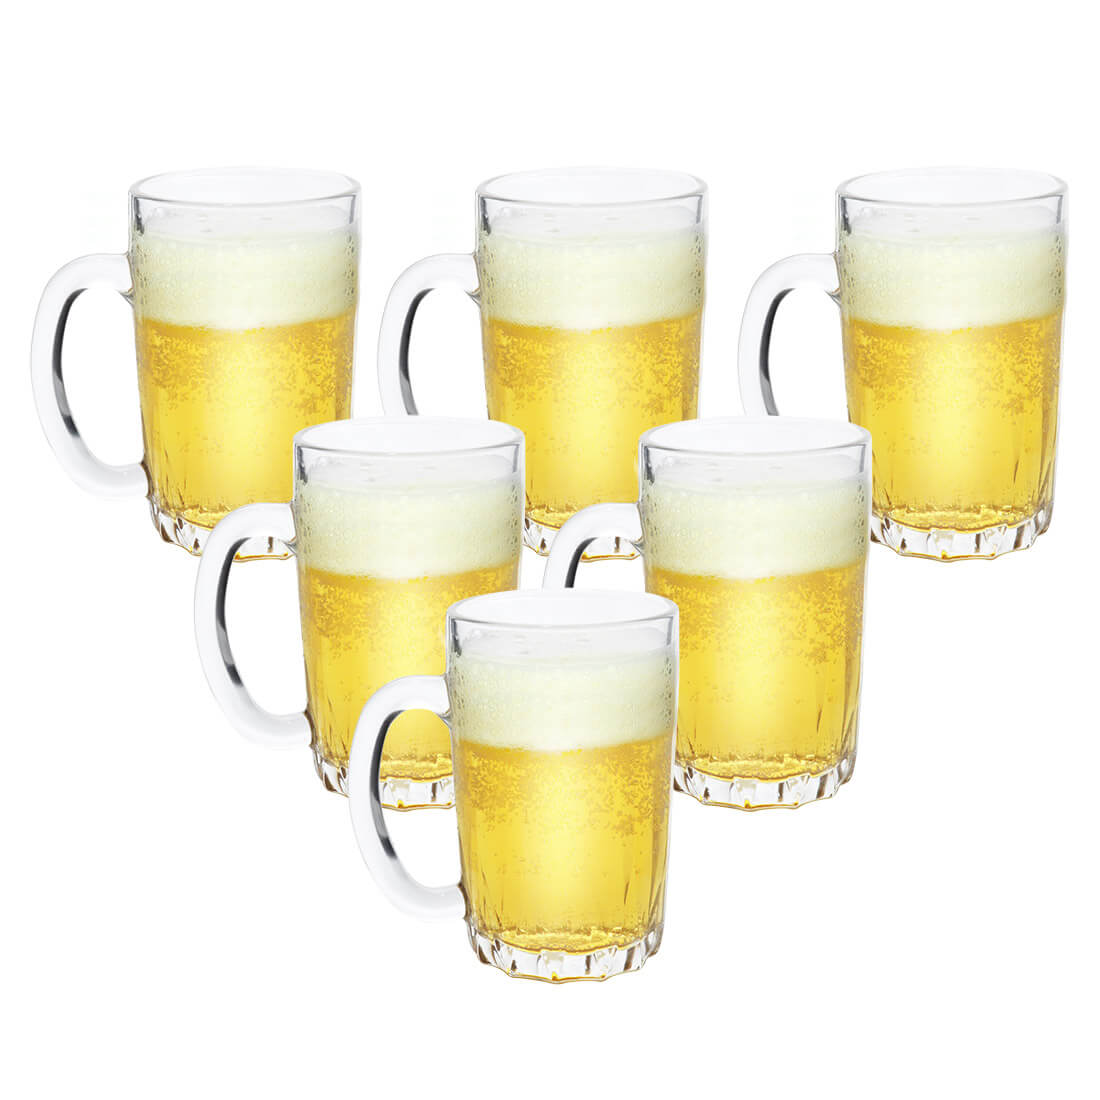 Kit 6 Canecas de Chopp Cerveja de Vidro Grosso 330ml